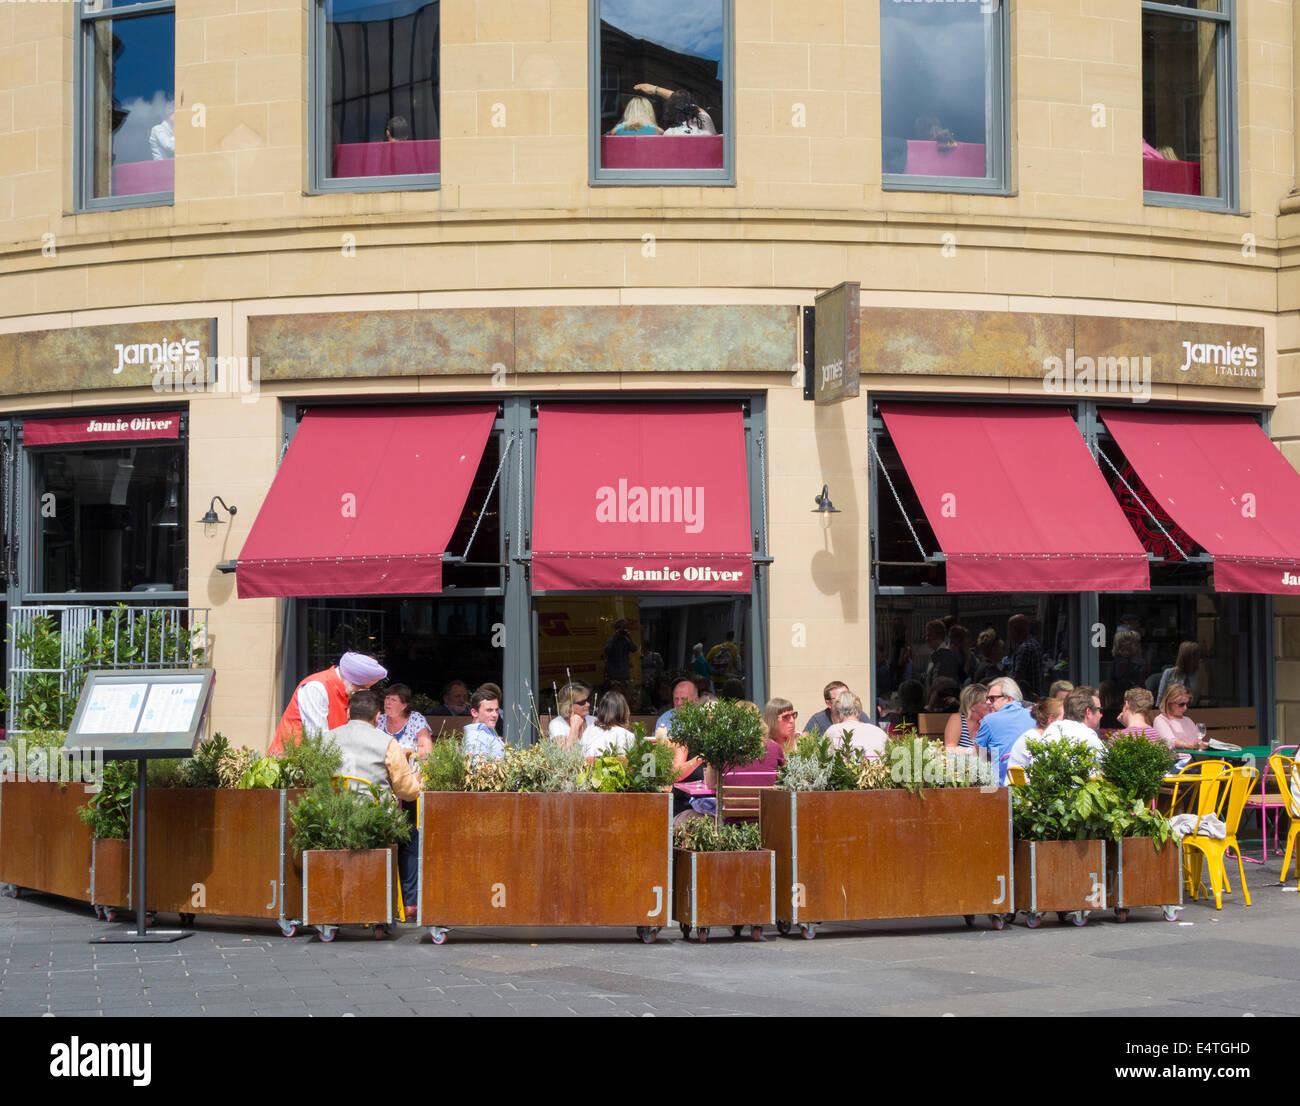 Jamie Oliver restaurant, Newcastle upon Tyne, England, UK - Stock Image